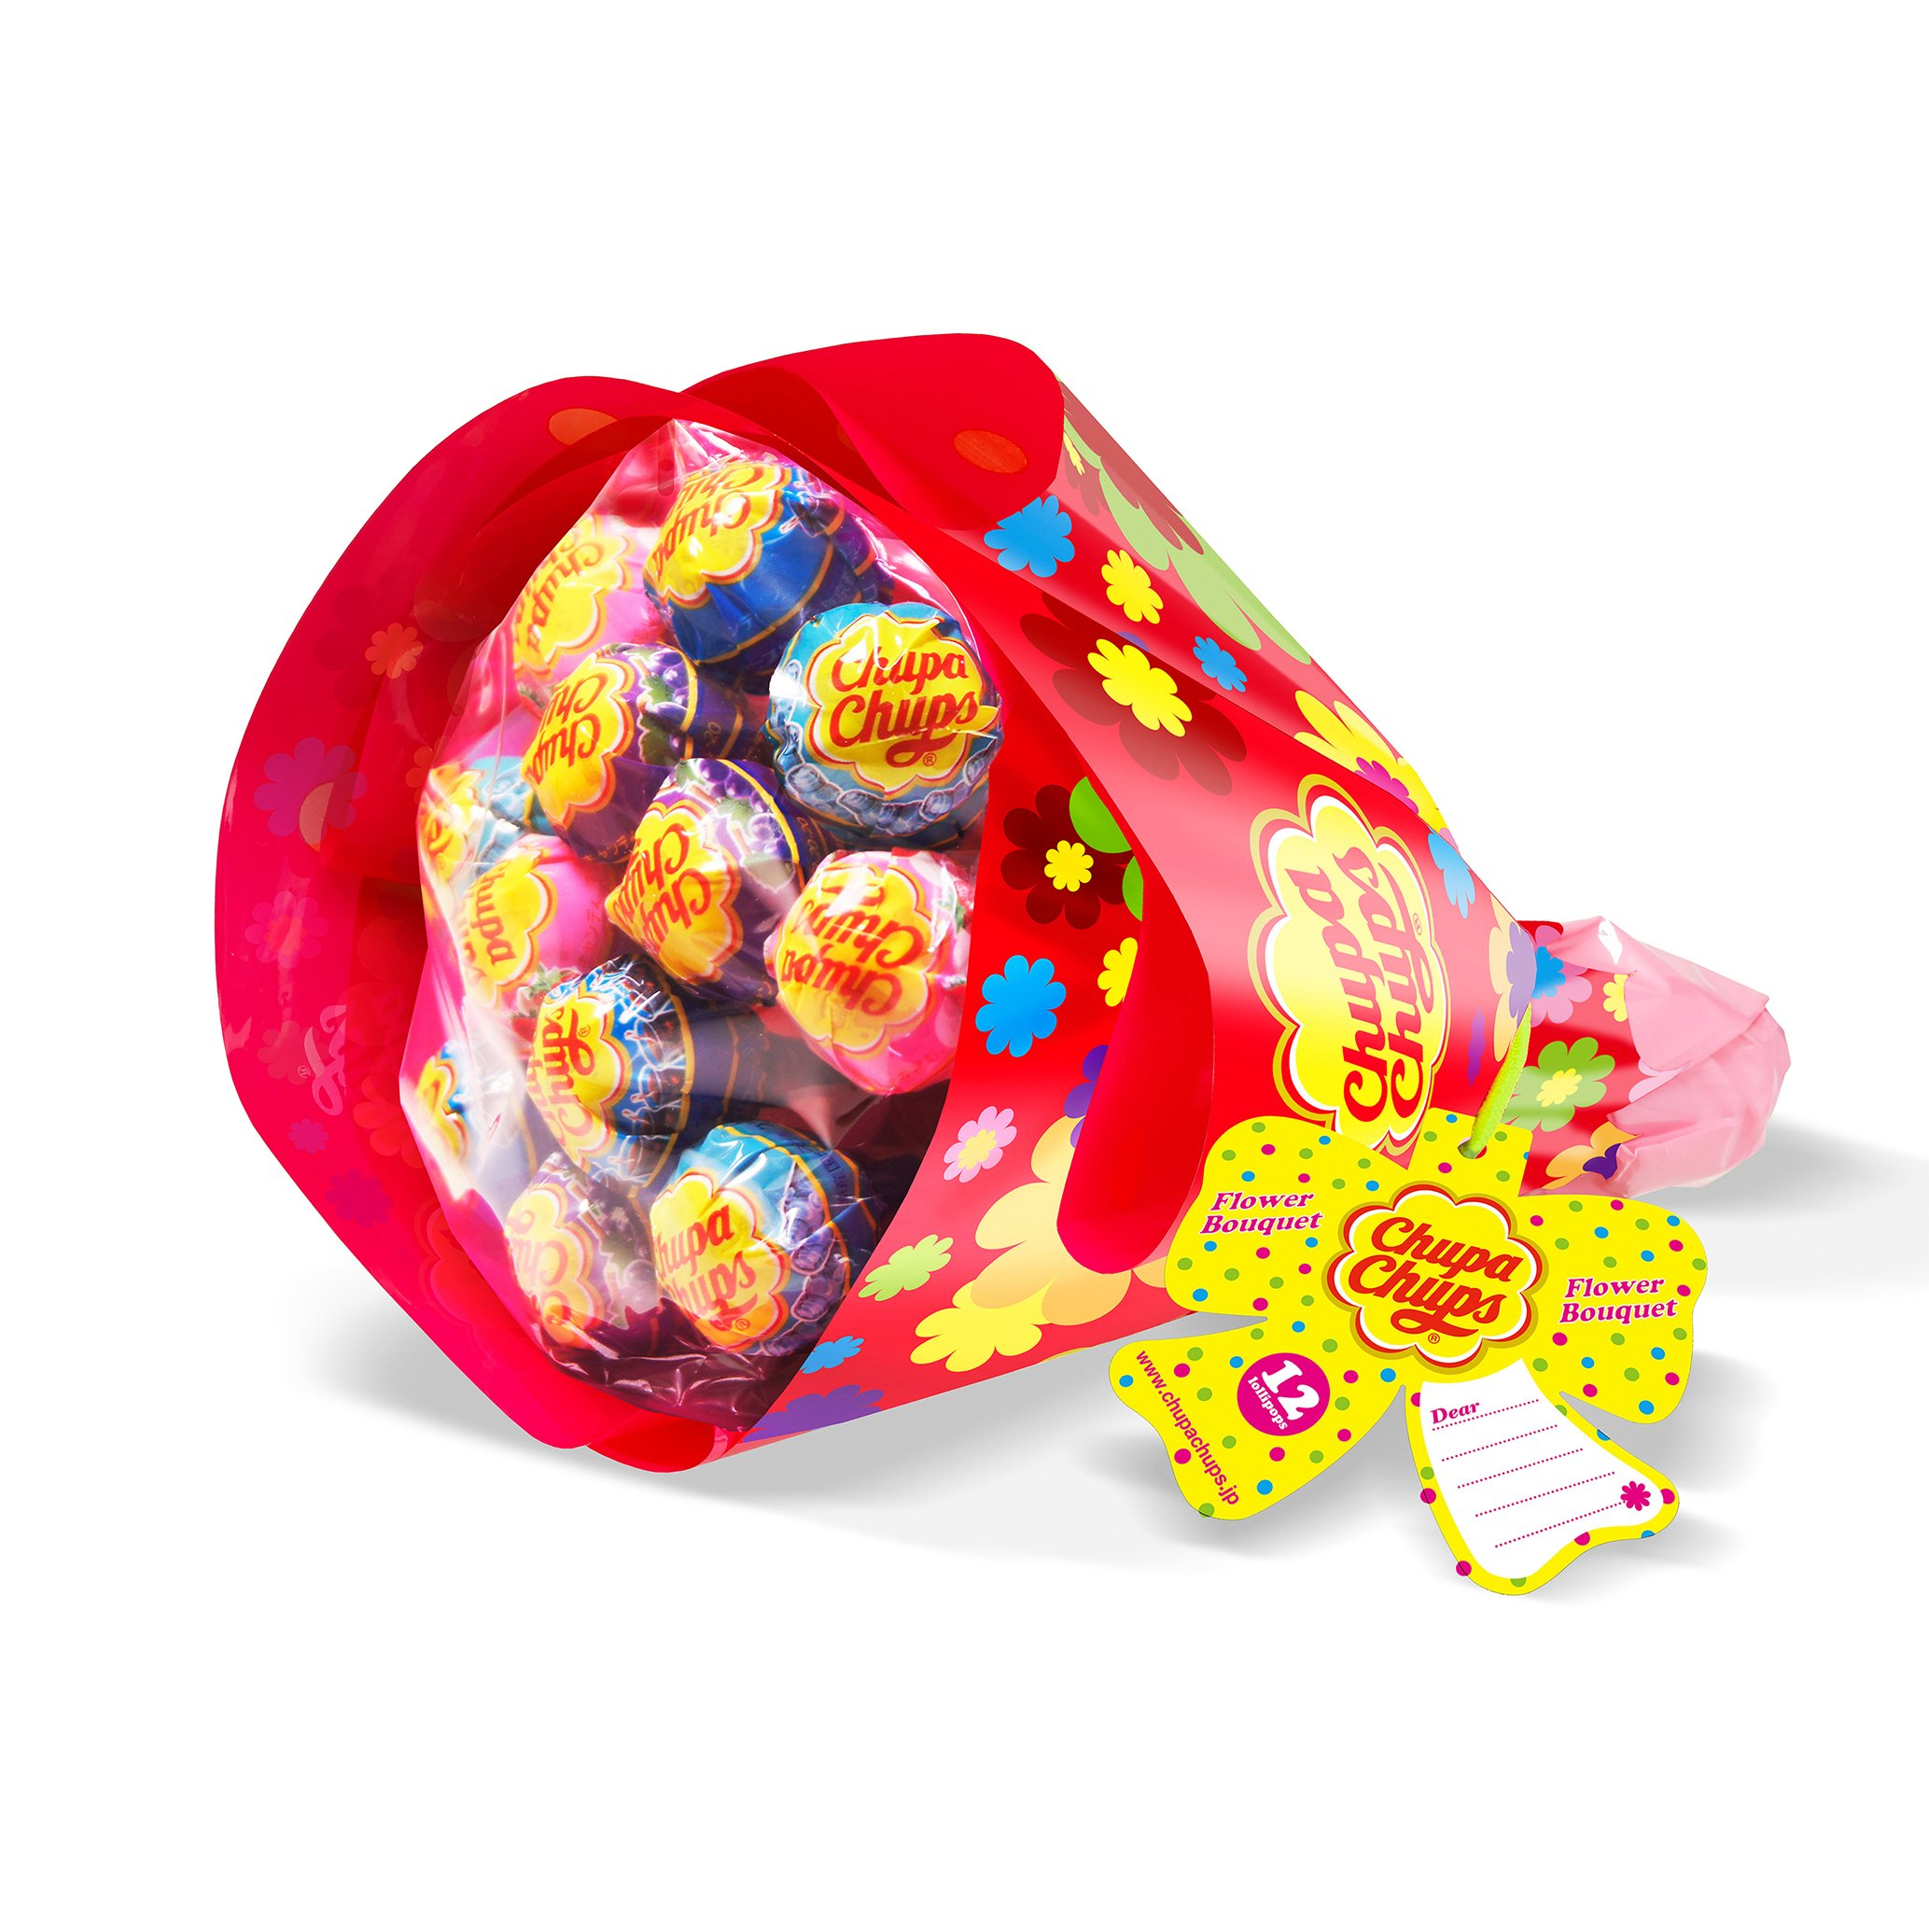 Kracie Chupa Chups Flower Bouquet (12 pieces)